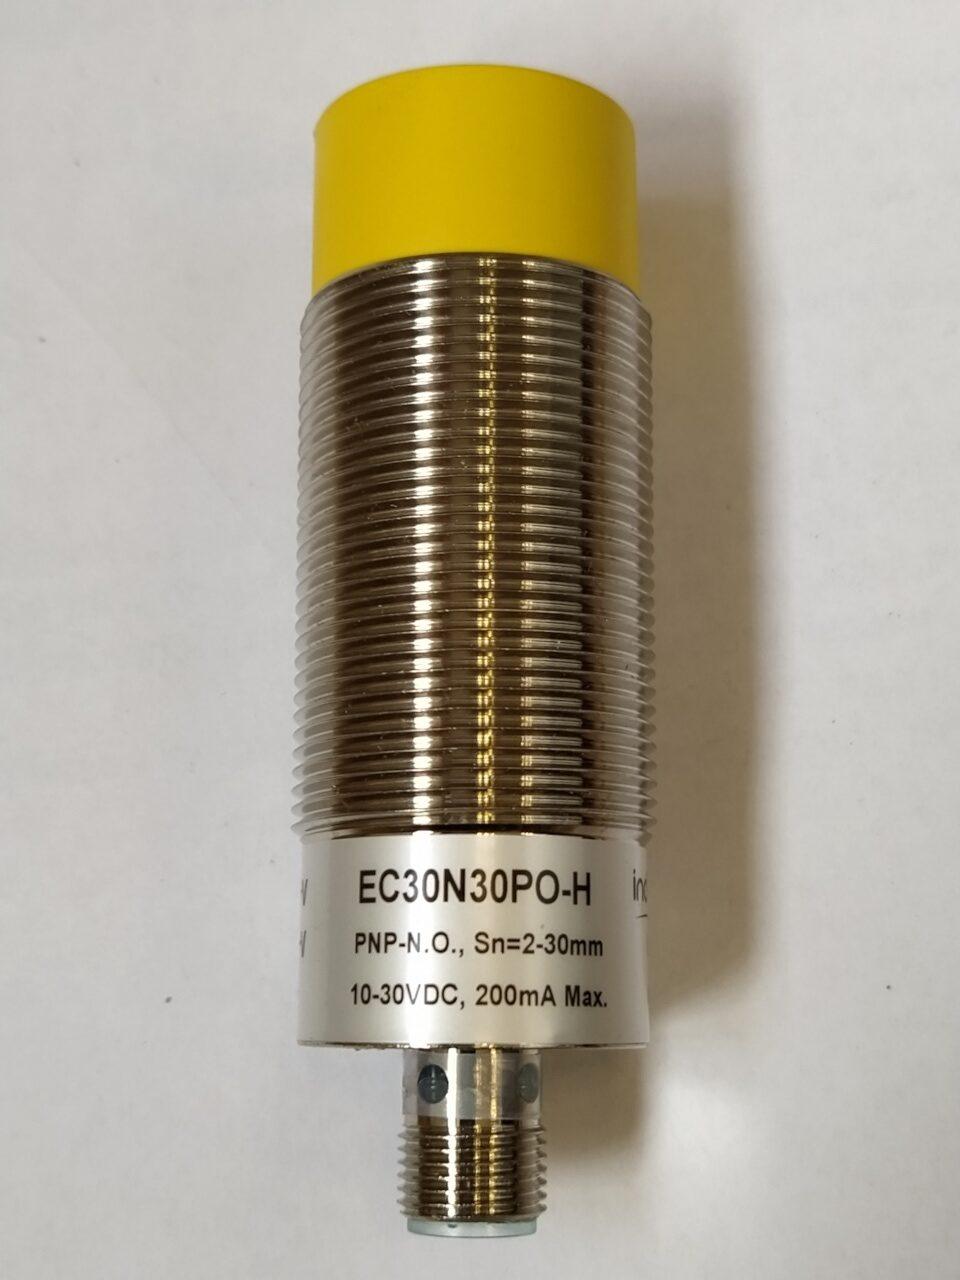 EC30N30PO-H- czujnik pojemnościowy, M30, zasięg 2-30mm, PNP, NO, konektor M12, obudowa metalowa, IP67, dioda LED, 10-30V DC, Indual